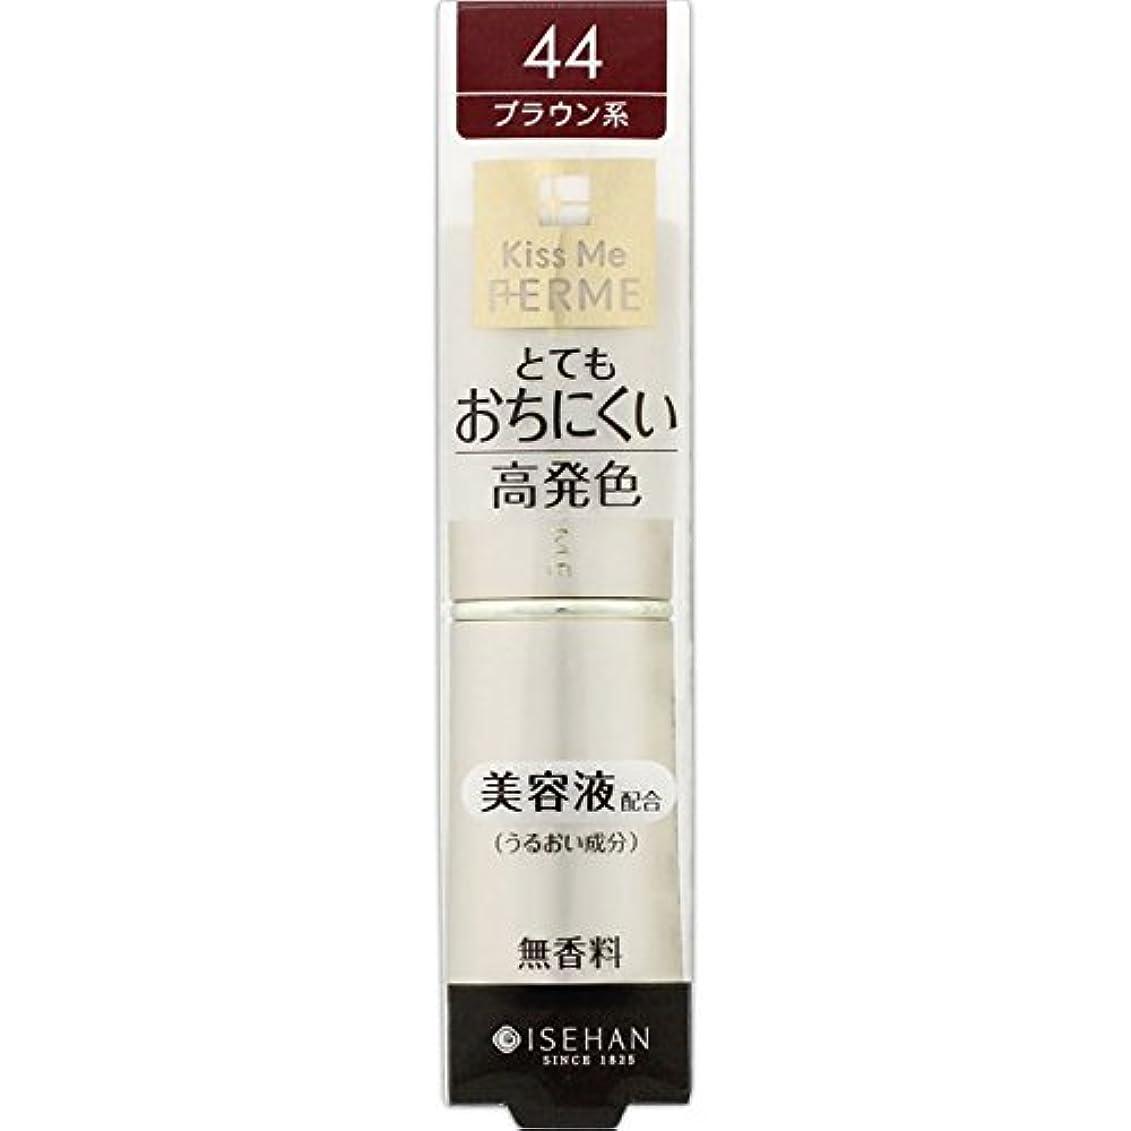 中間ブランデーペース★ フェルムII プルーフシャイニールージュ44 あざやかなブラウン